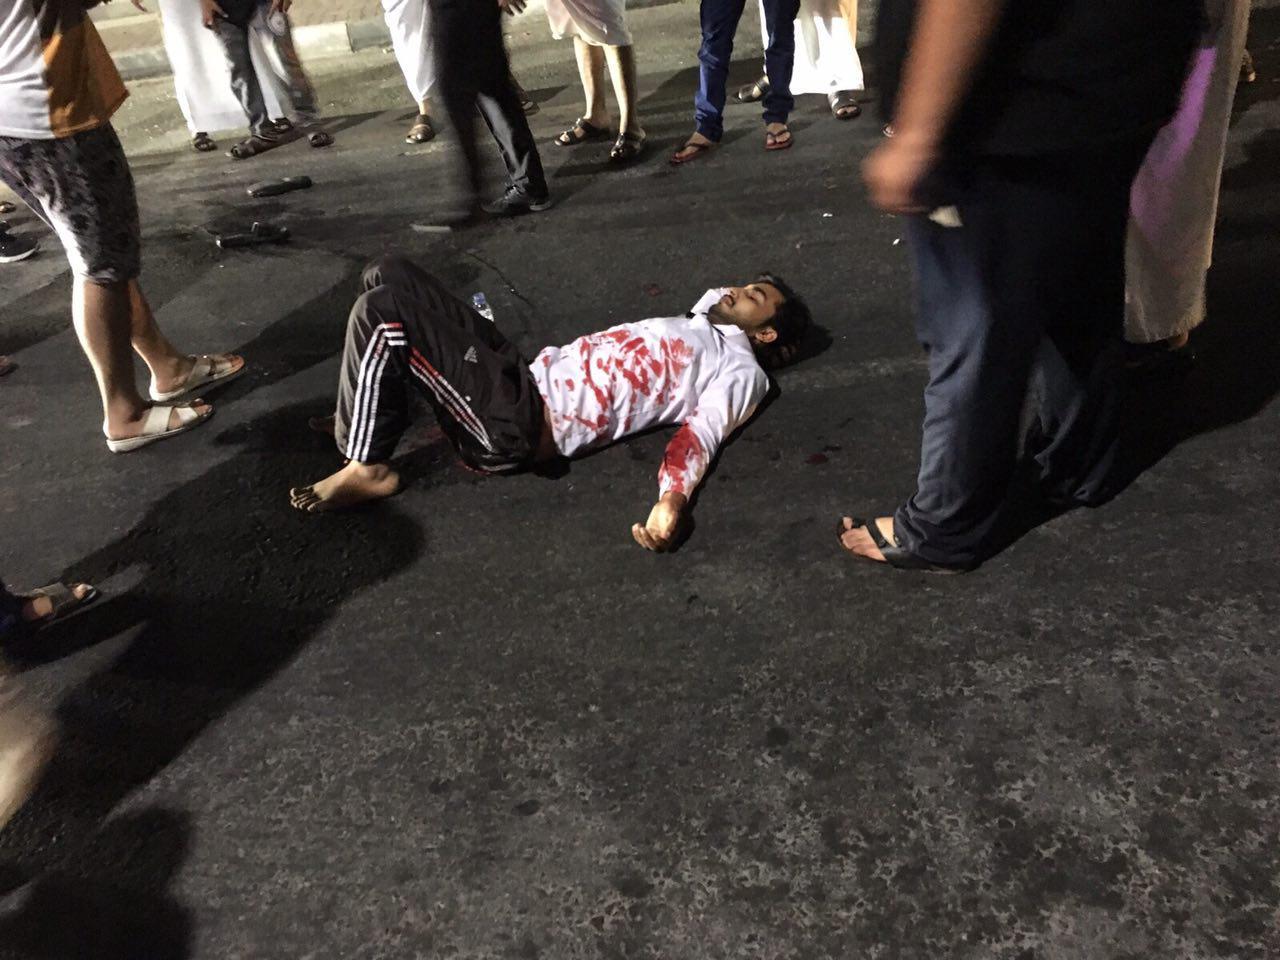 تصویر حمله افراد مسلح به منطقه شيعه نشين سيهات در شرق عربستان سعودى